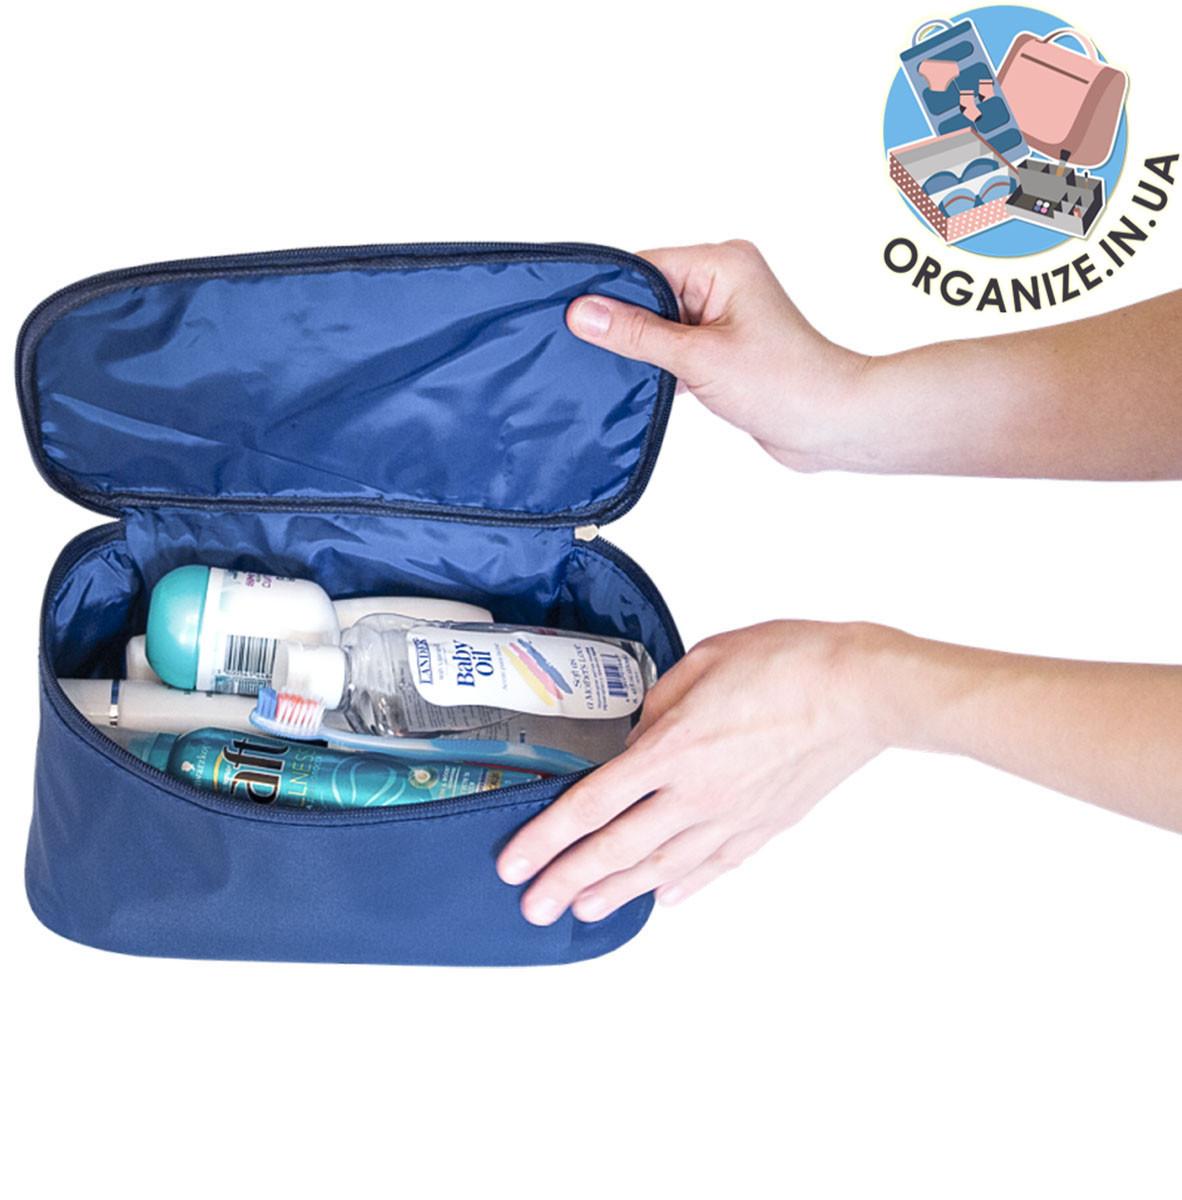 Мужской органайзер для туалетных принадлежностей ORGANIZE  (синий)